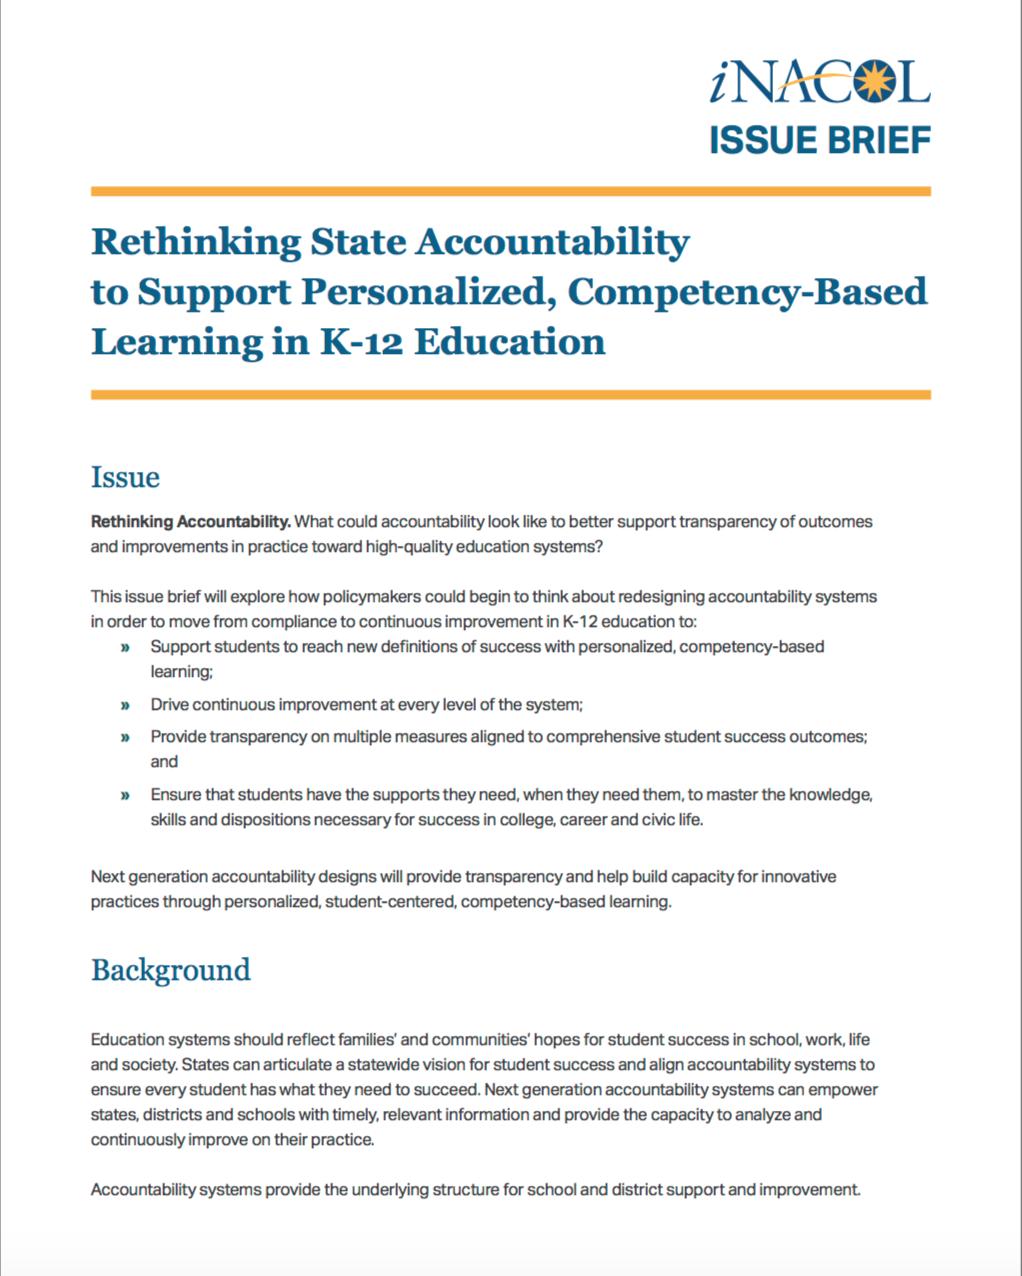 Rethinking State Accountability